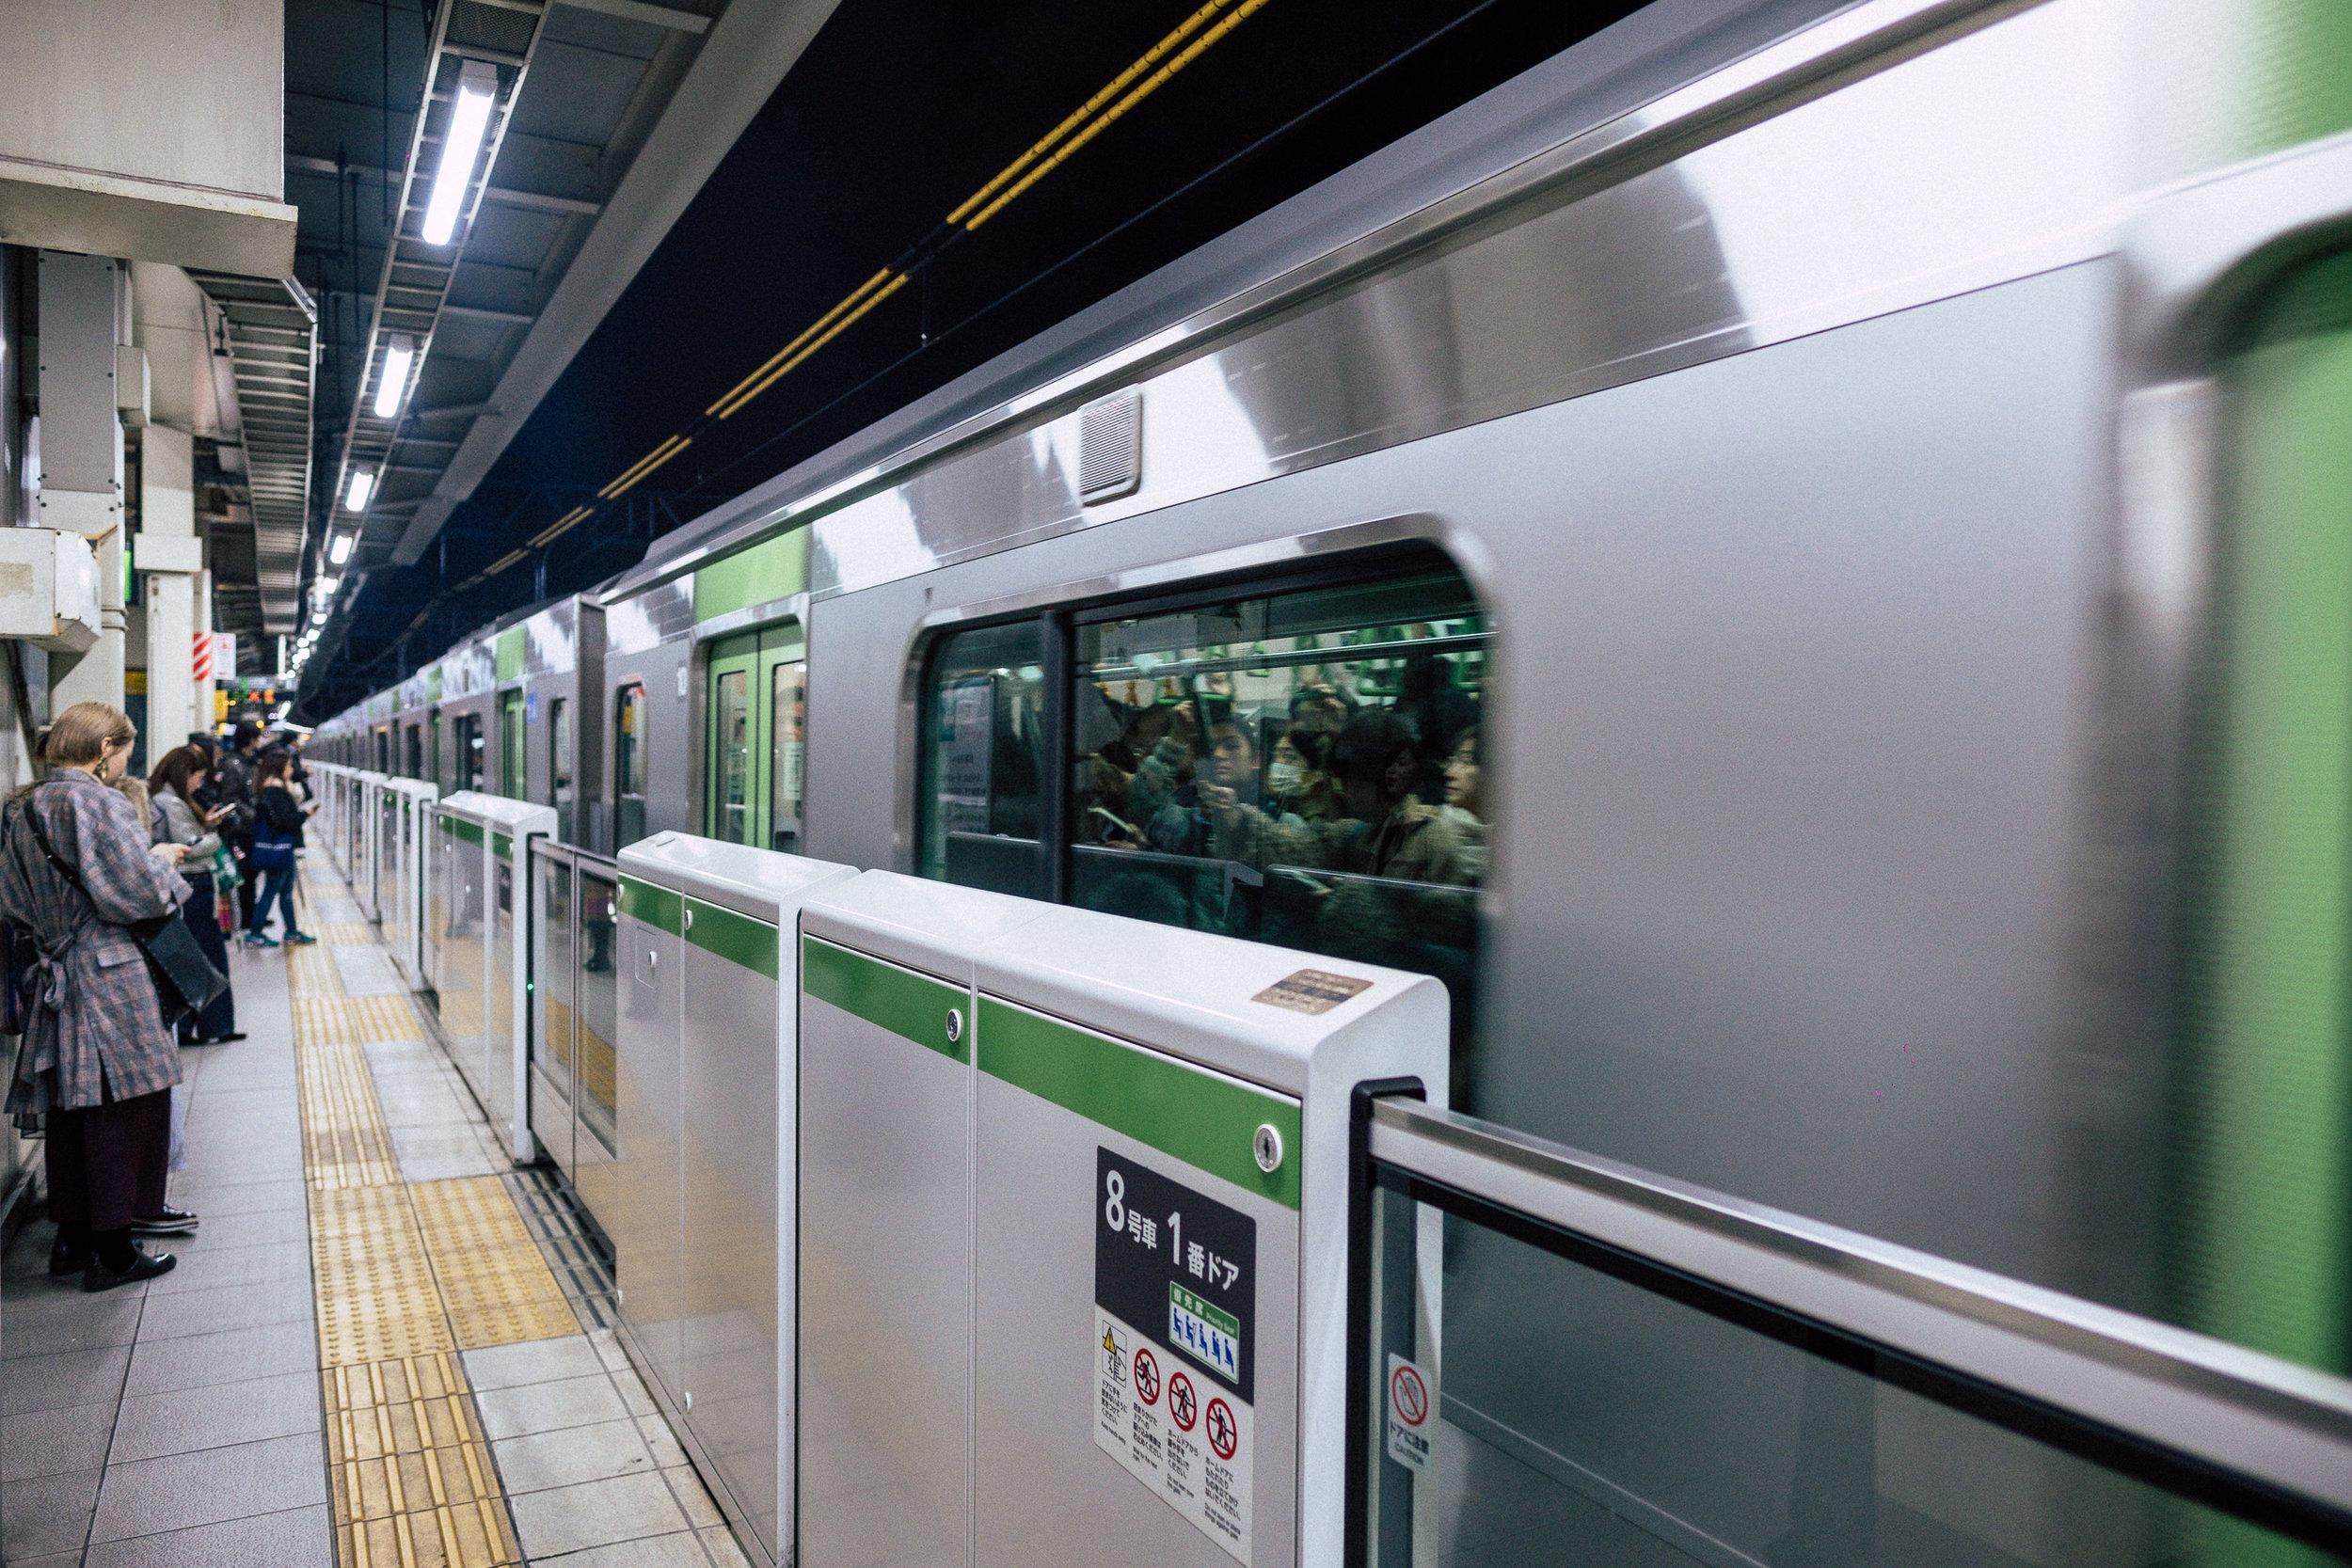 DSCF9460.jpg